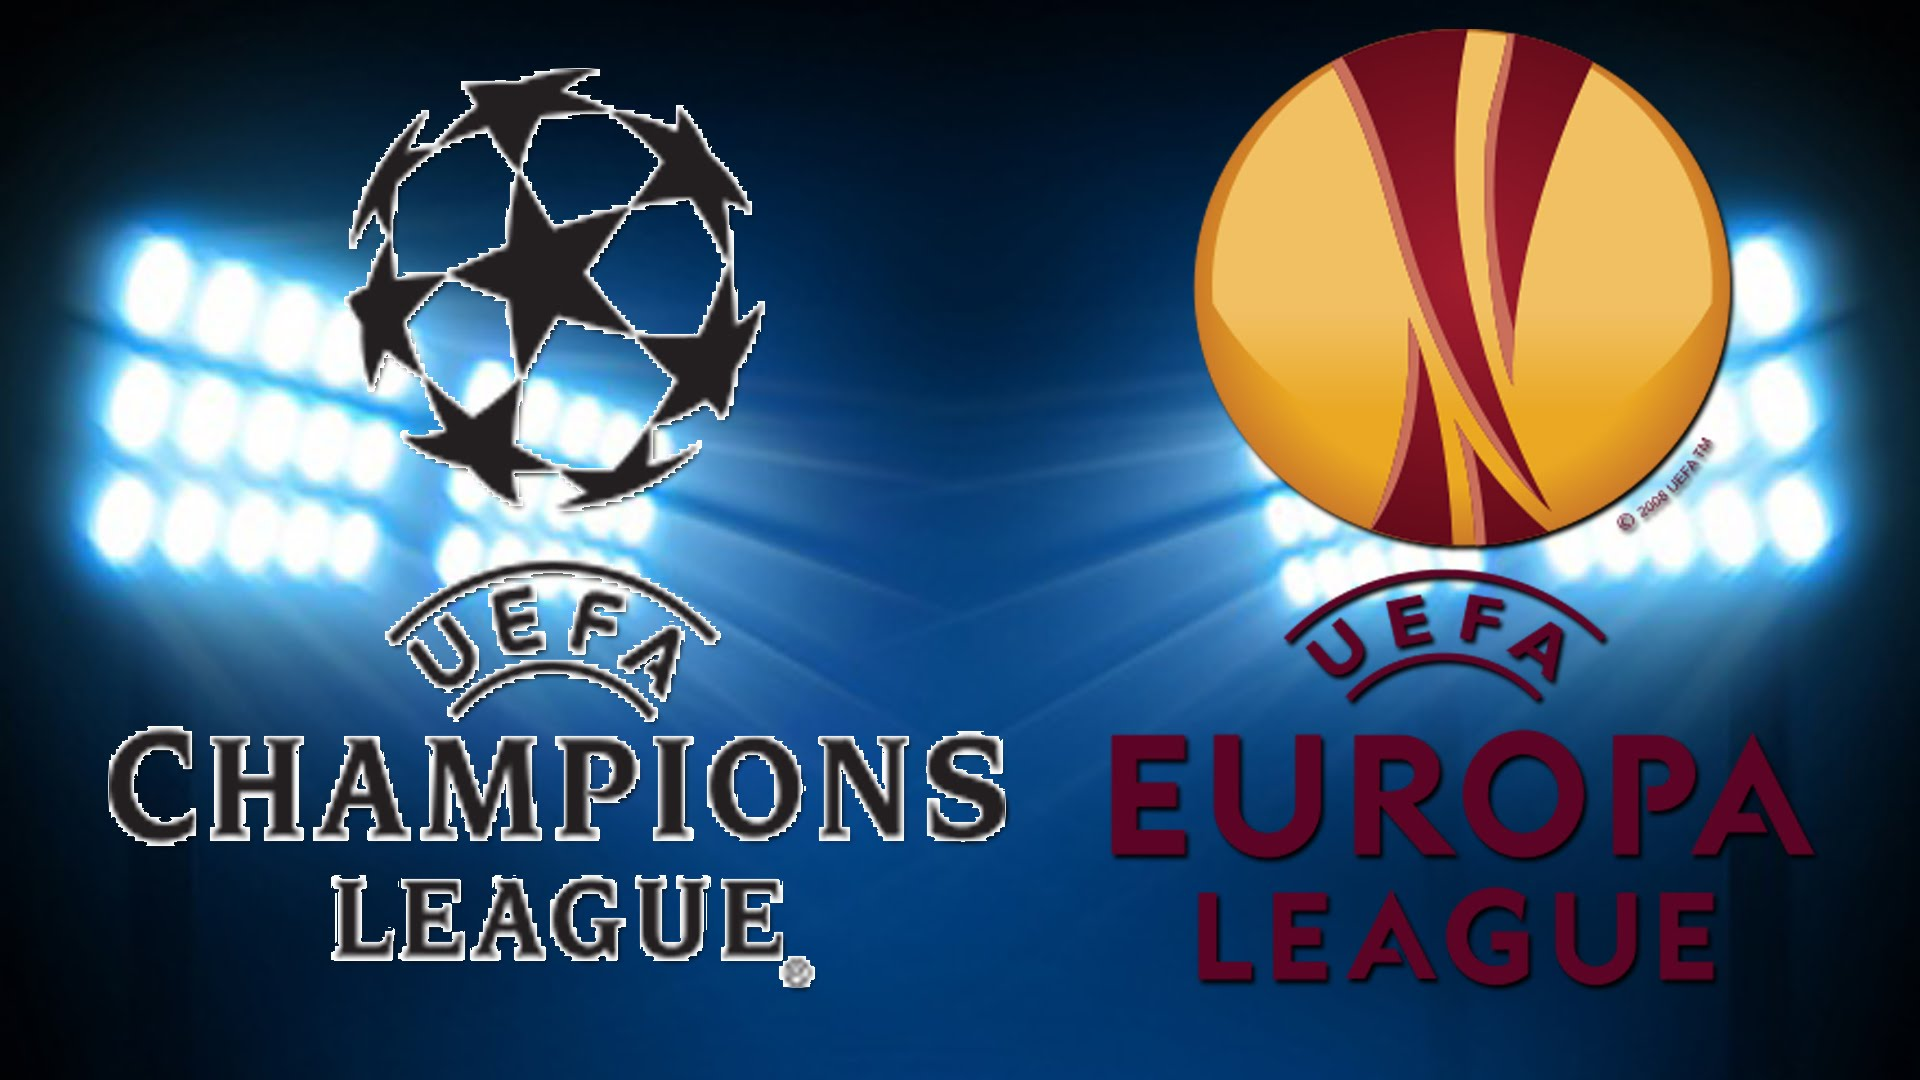 Логотипы Лиги Чемпионов и Лиги Европы